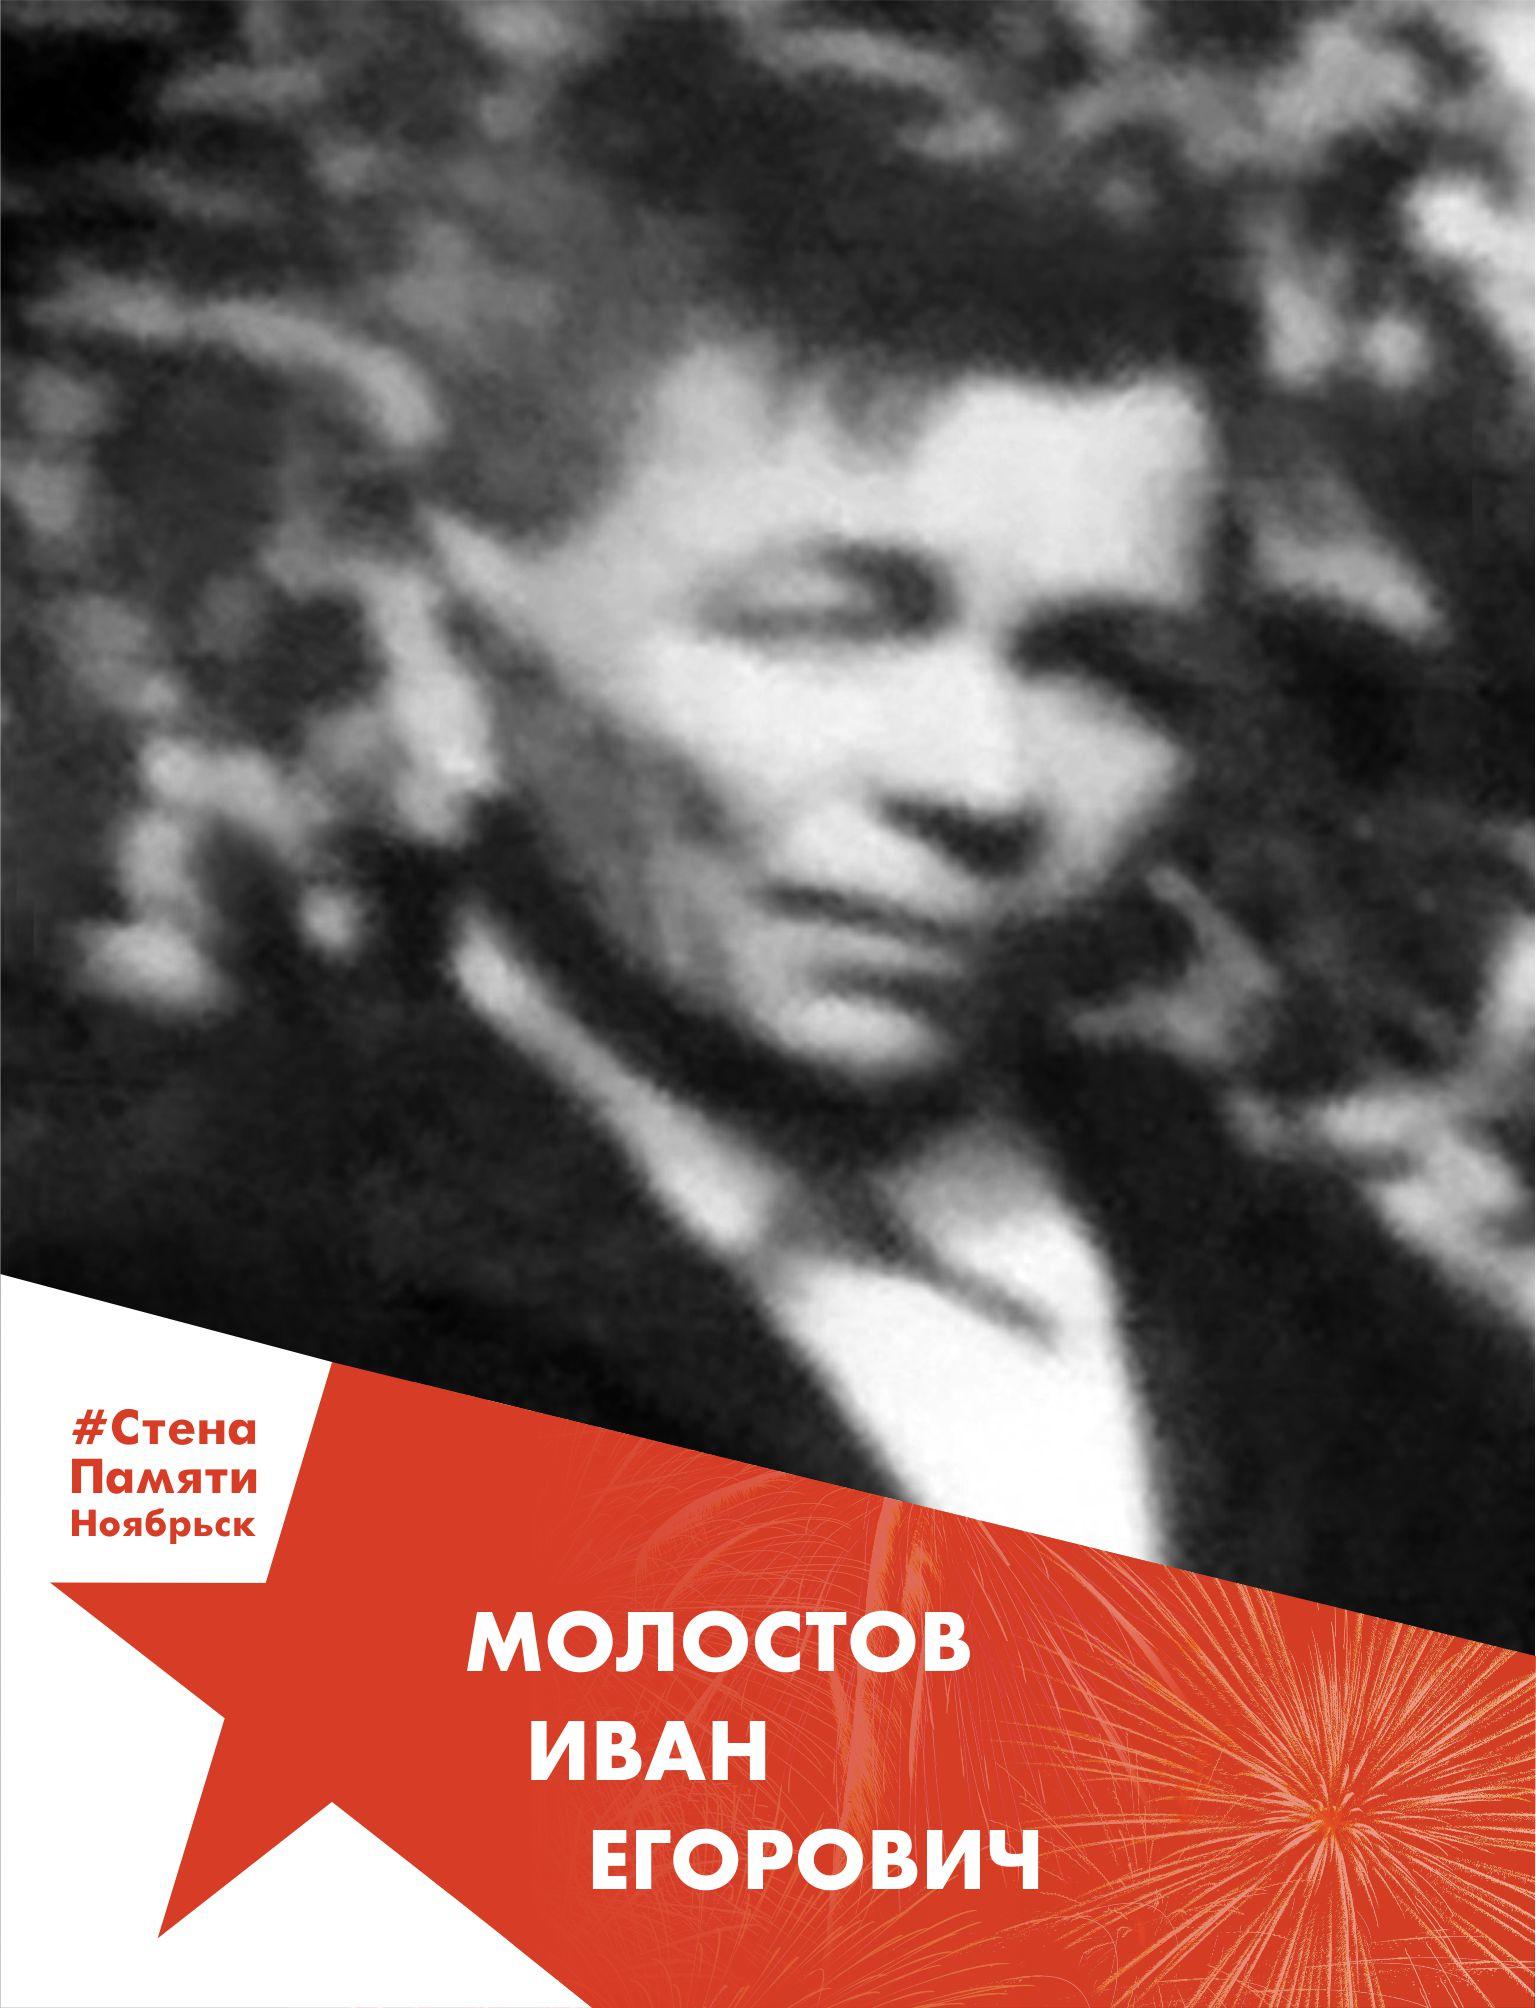 Молостов Иван Егорович